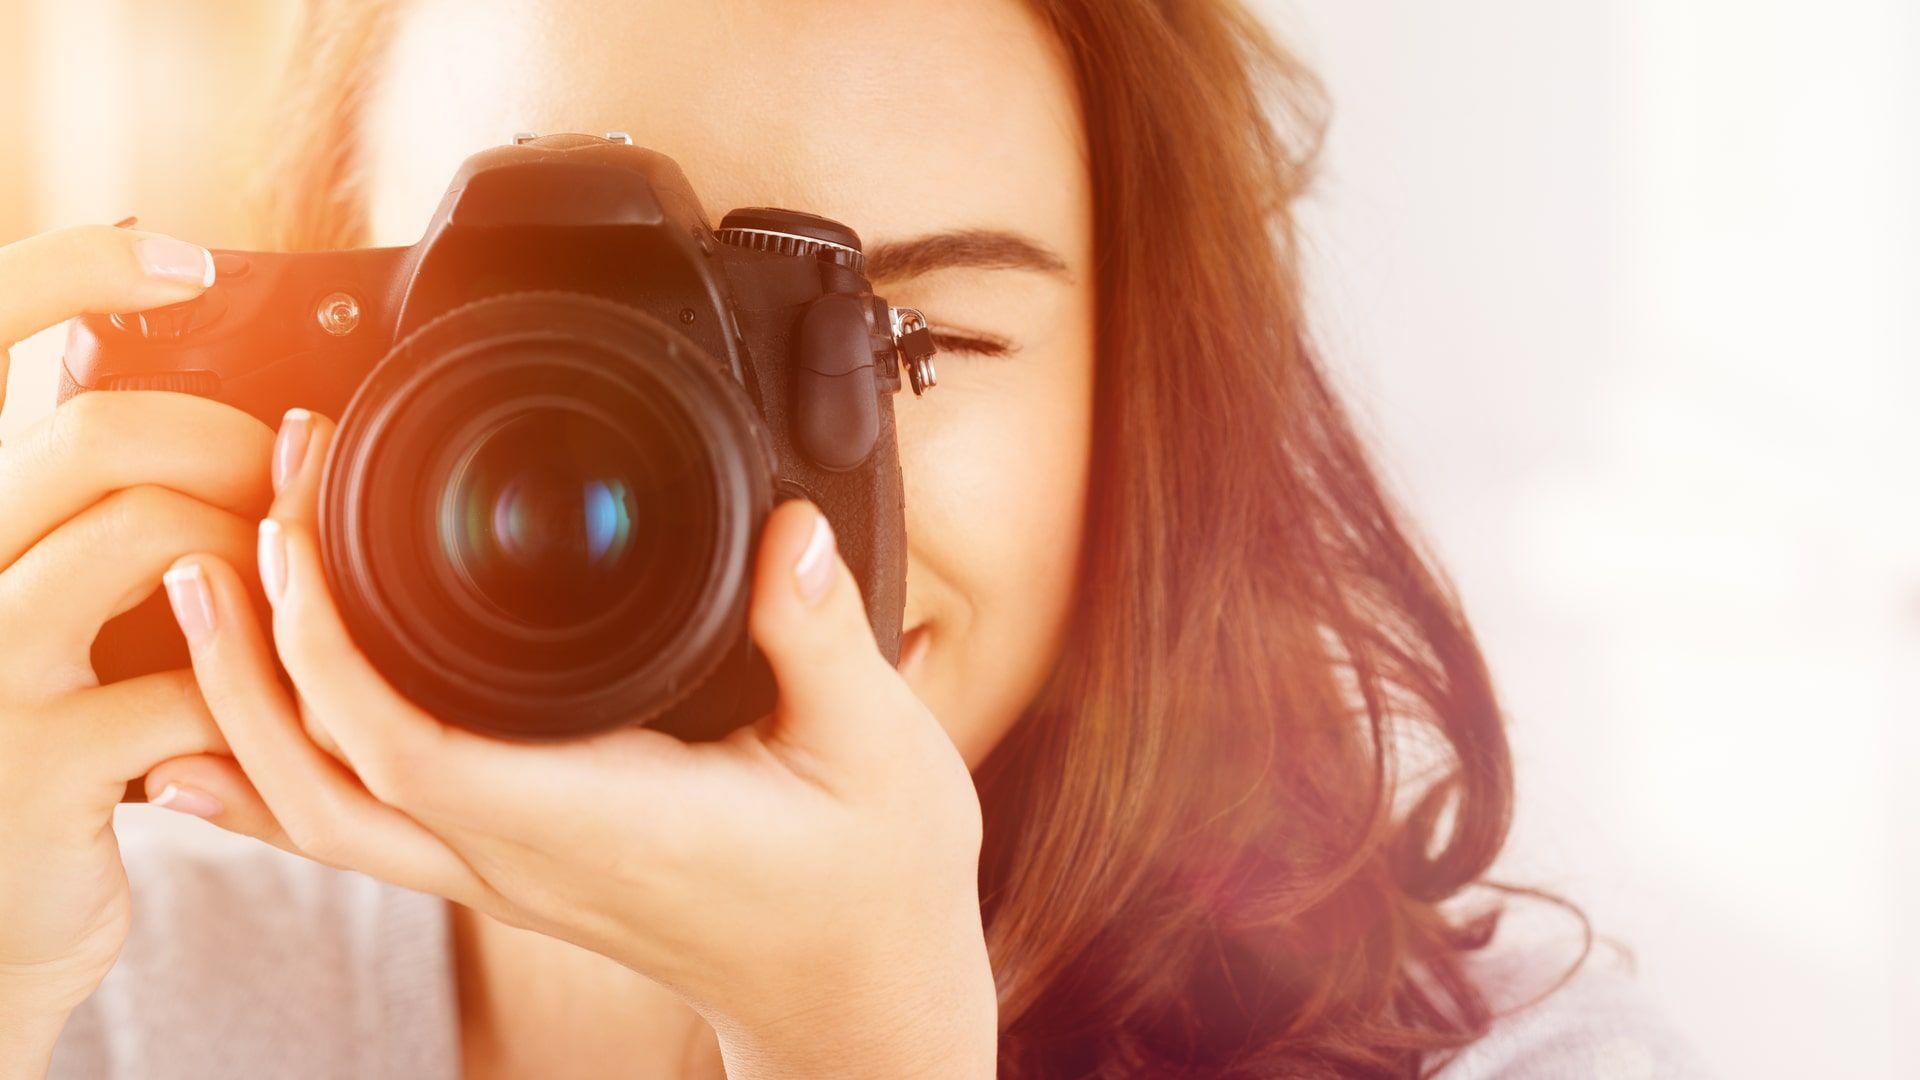 É possível encontrar câmeras em diversas faixas de preços e com recursos variados (Foto: Shutterstock)